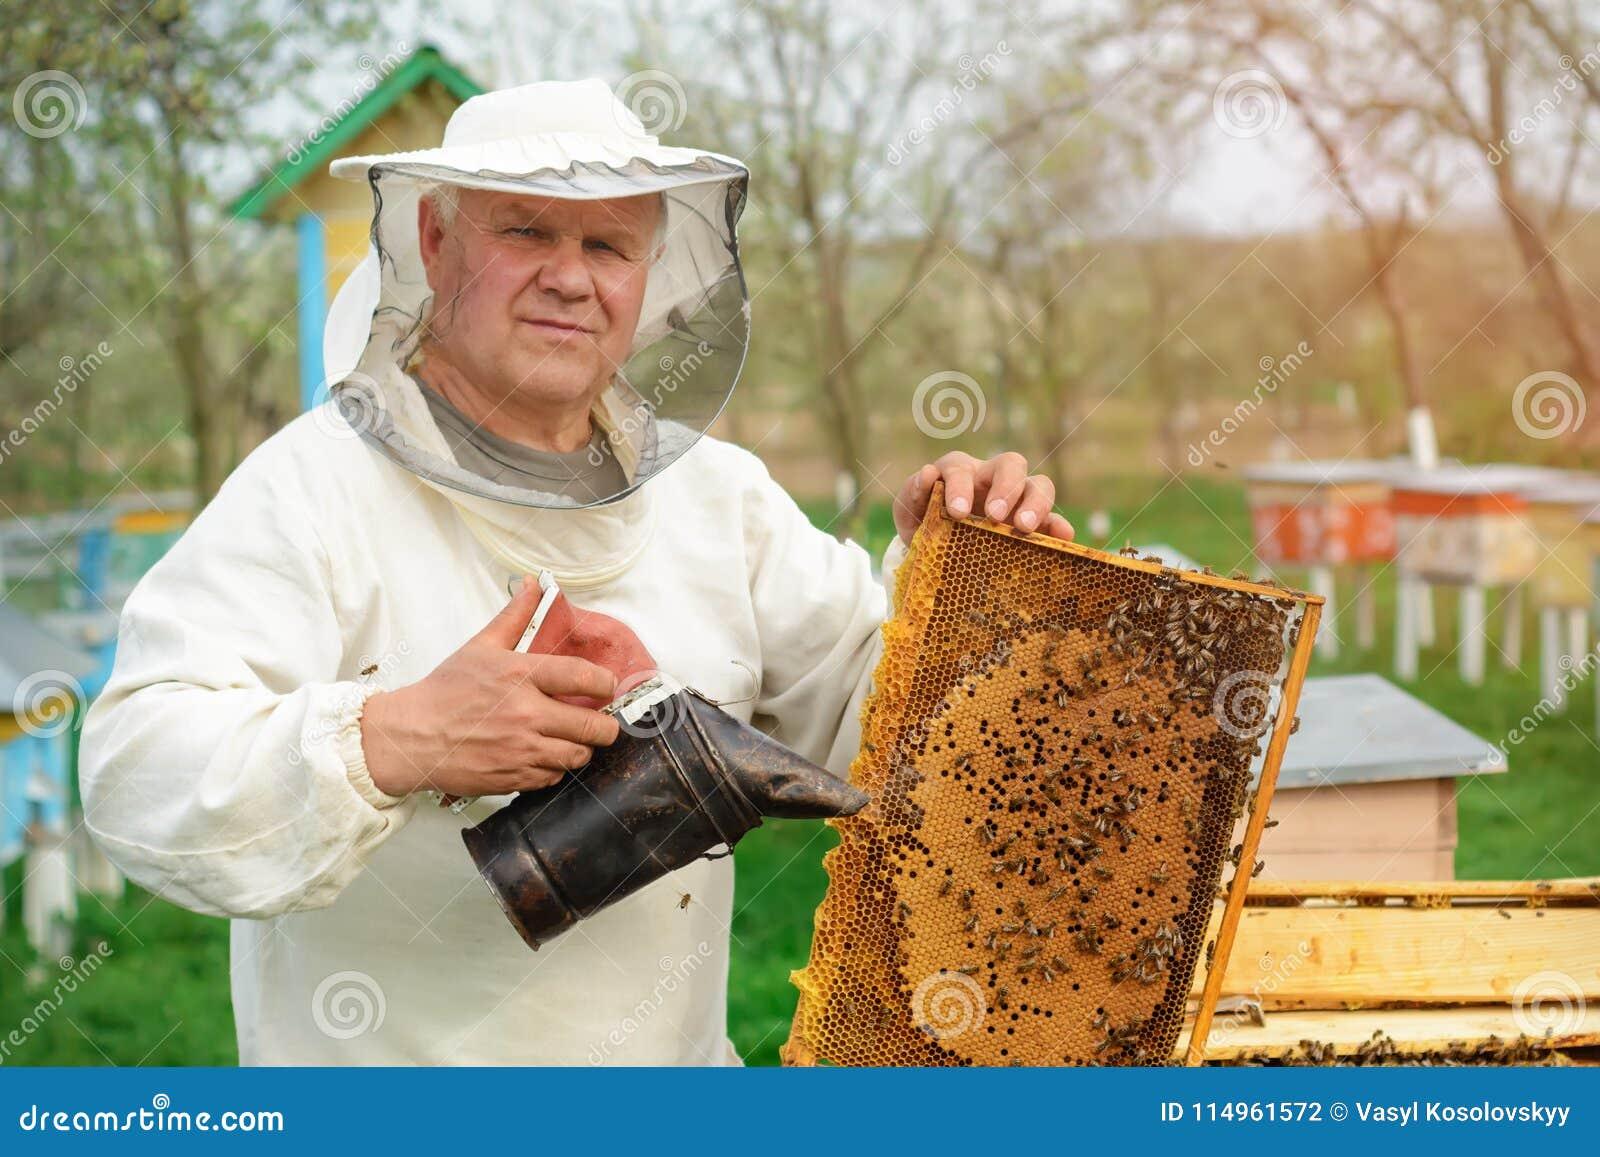 Apiculteur jugeant un nid d abeilles plein des abeilles Apiculteur dans les vêtements de travail protecteurs inspectant le cadre